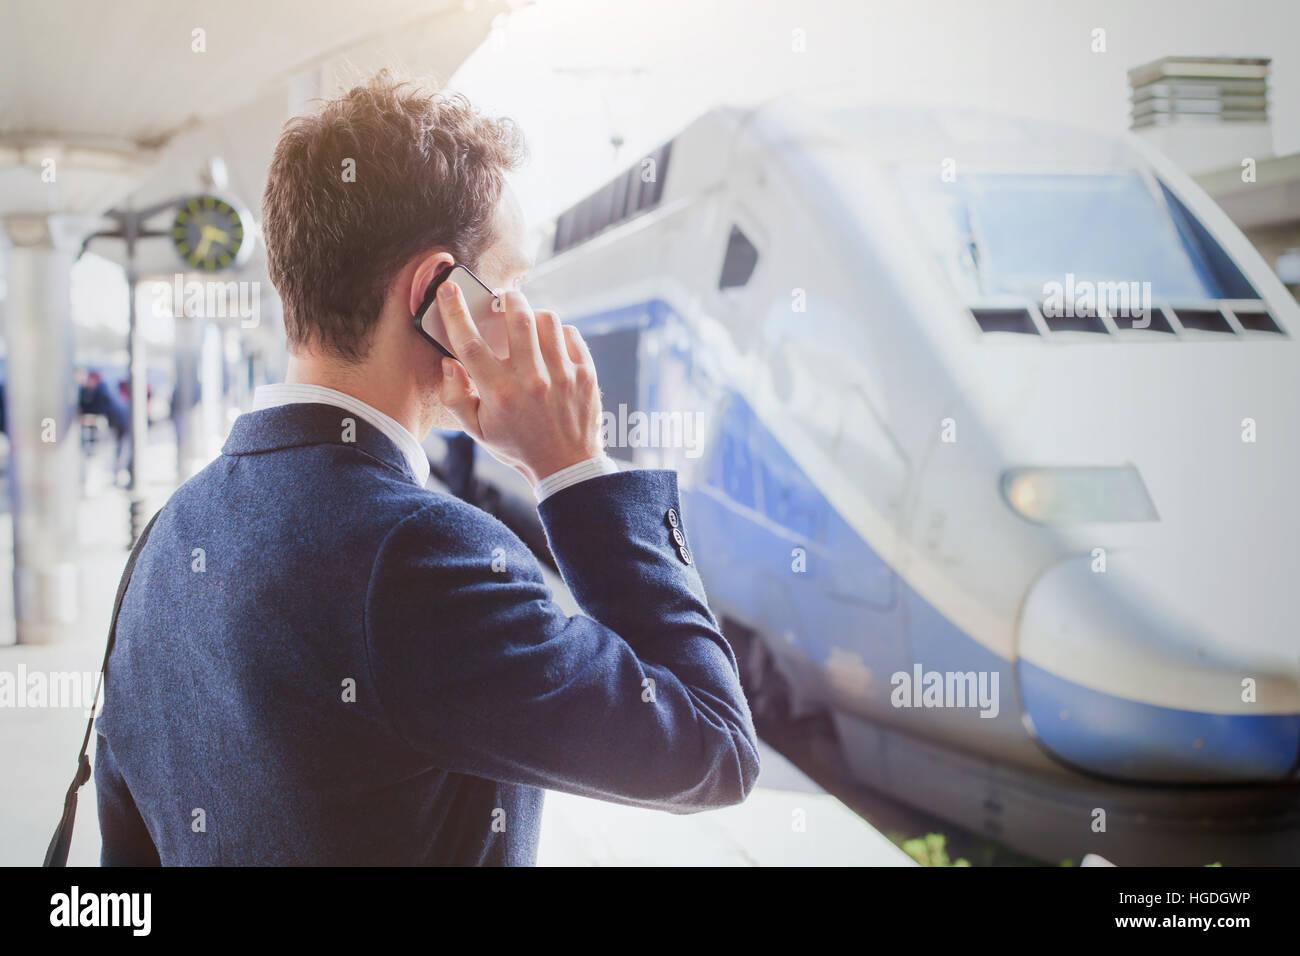 Business travel, imprenditore parla al telefono presso la stazione ferroviaria in attesa per il treno, mobile call Immagini Stock